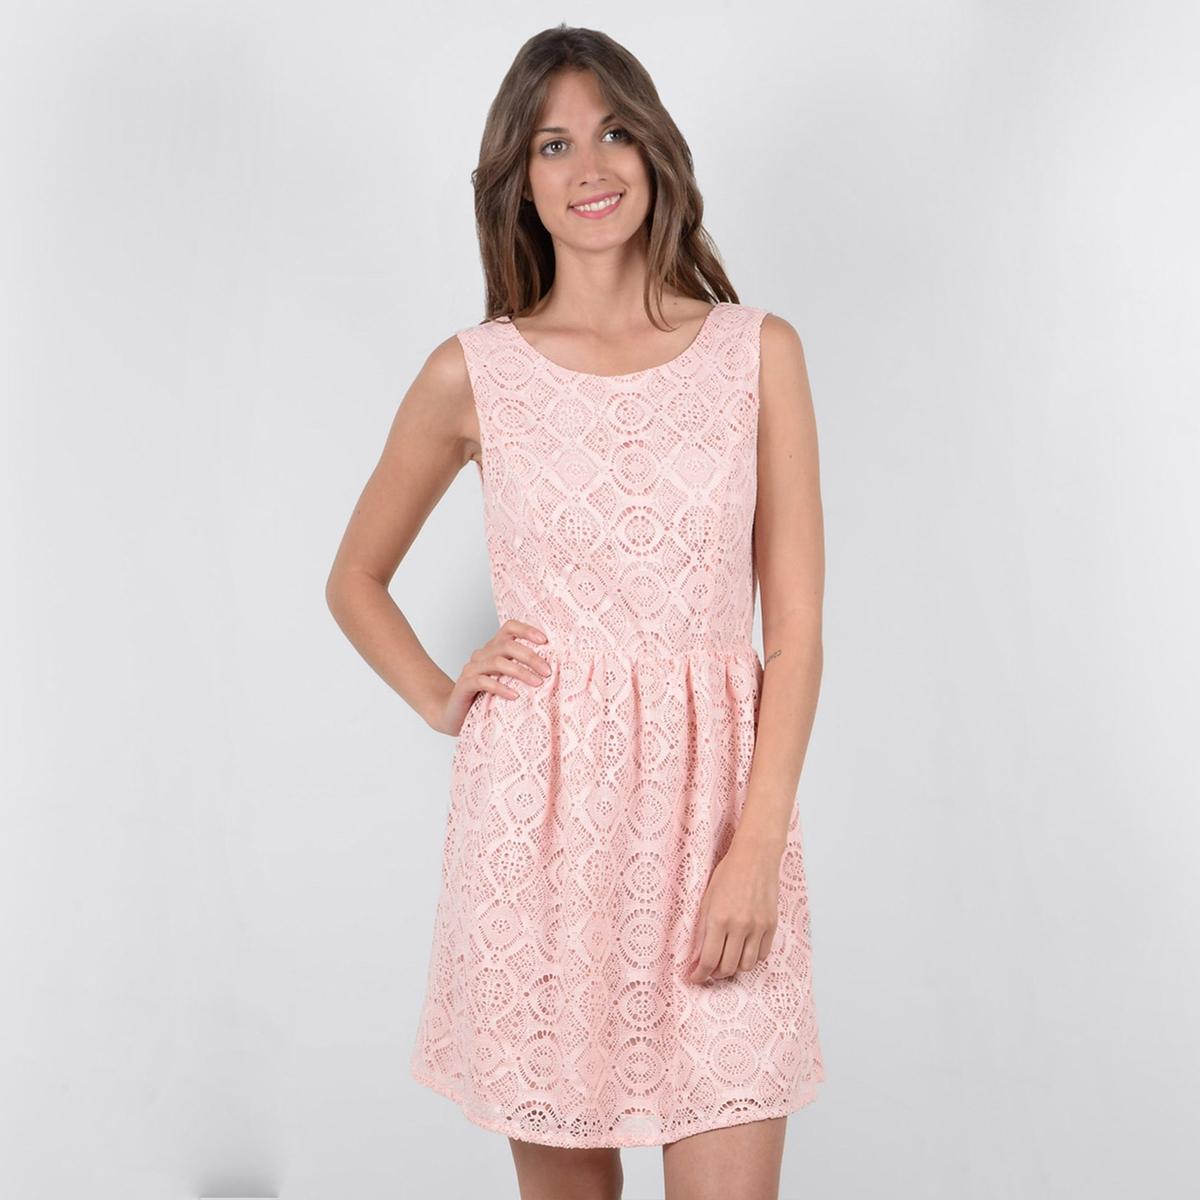 Платье короткое однотонное, без рукавовОписание:Детали •  Форма : МИНИ •  Укороченная модель  • Без рукавов    •  Круглый вырезСостав и уход •  5% эластана, 95% полиэстера  •  Следуйте советам по уходу, указанным на этикетке<br><br>Цвет: светло-розовый,черный